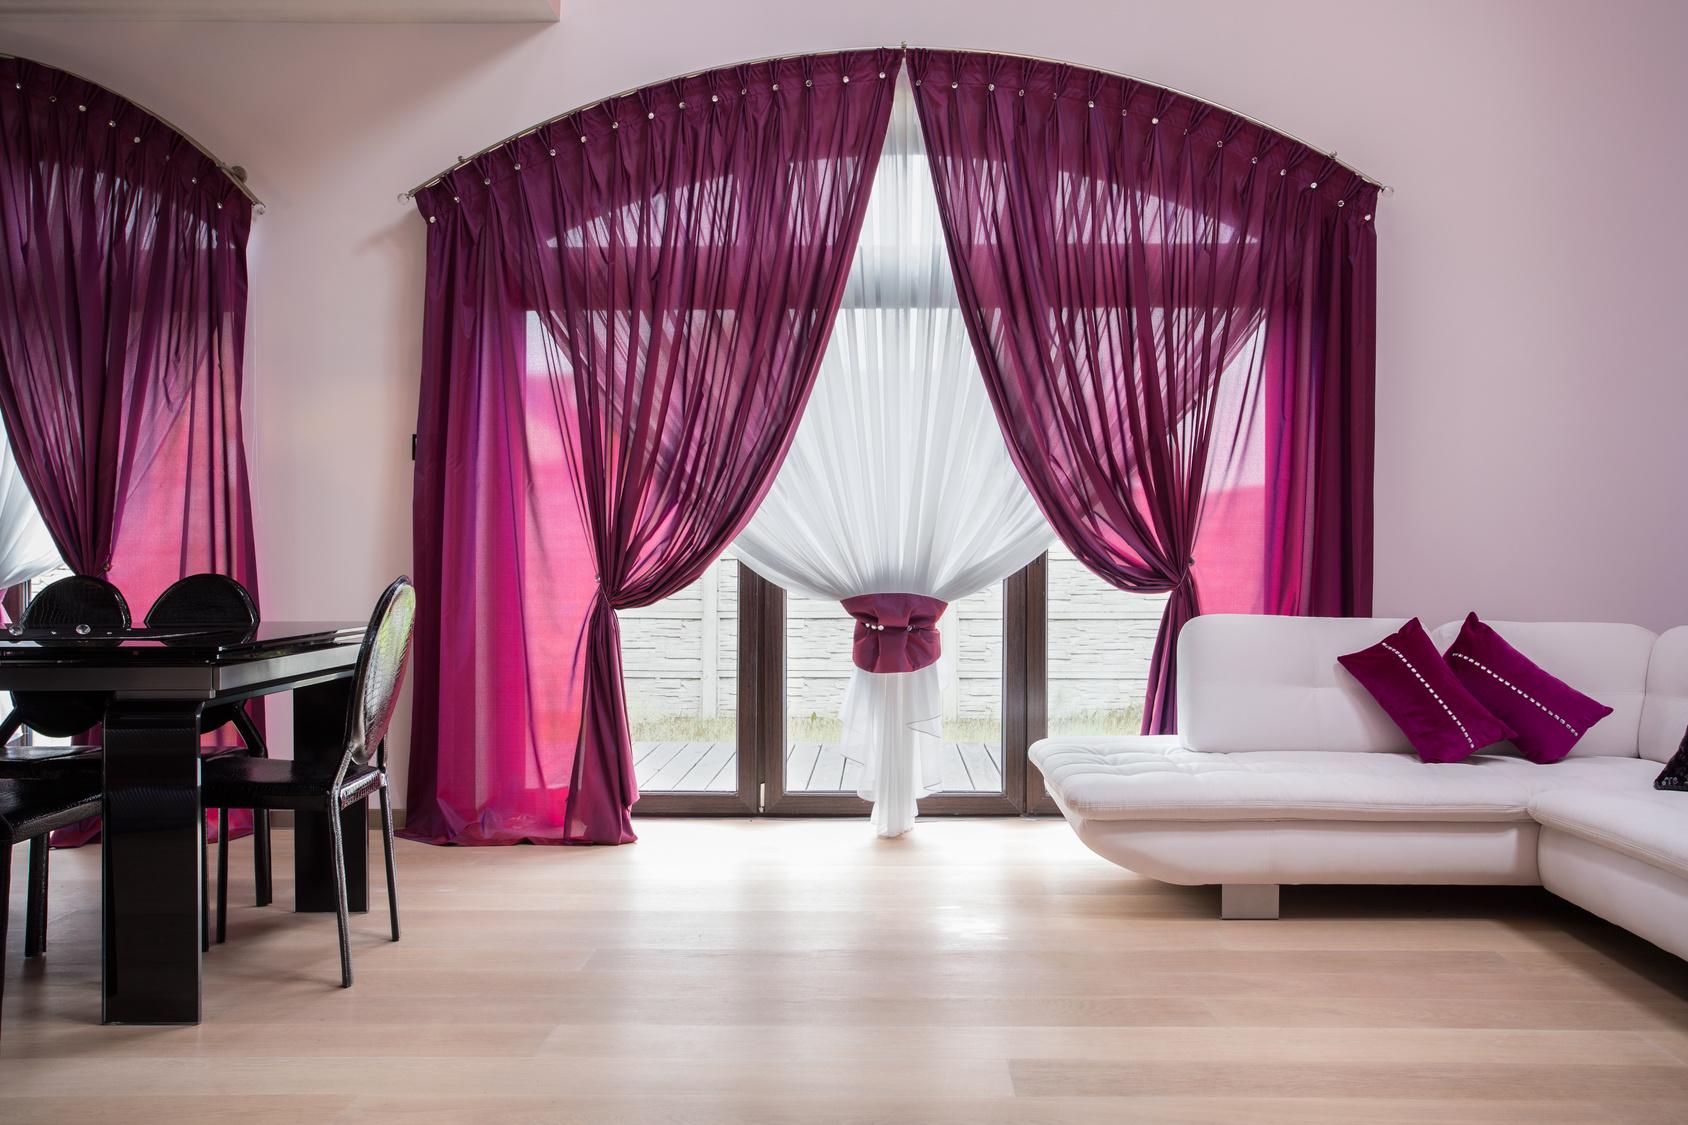 Full Size of Rose Curtains In Modern Interior Wohnzimmer Vorhang Wohnzimmer